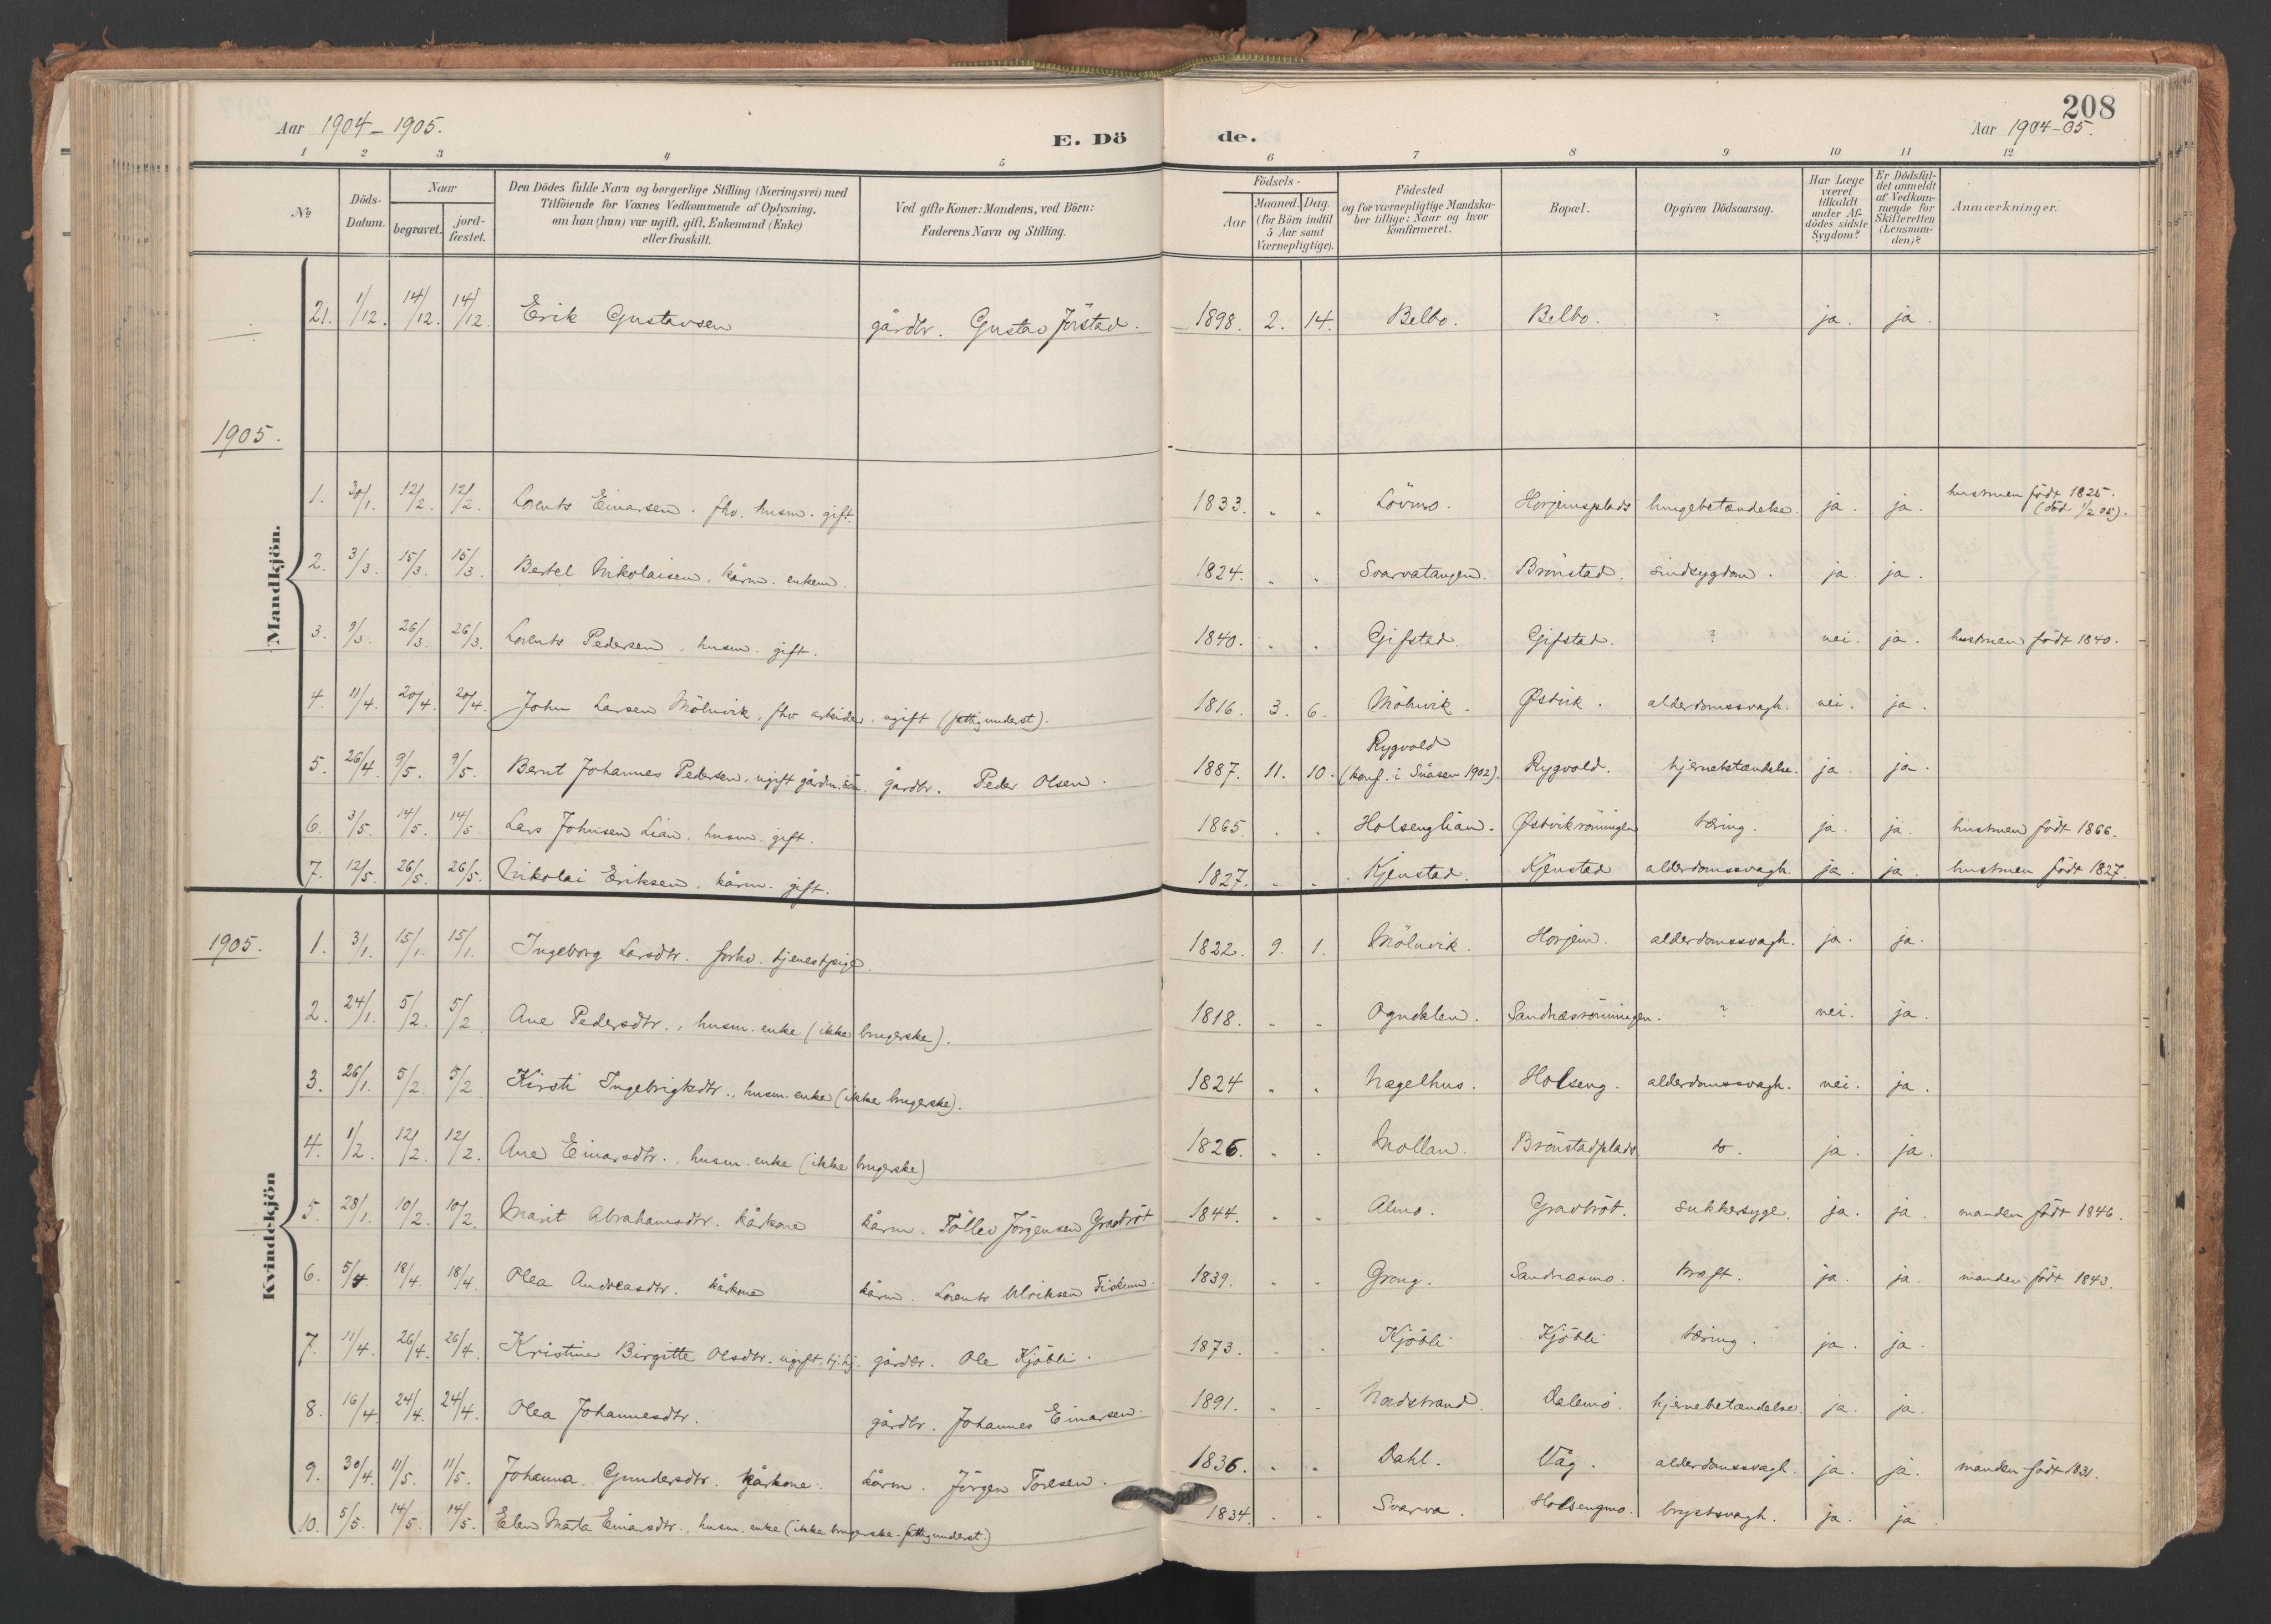 SAT, Ministerialprotokoller, klokkerbøker og fødselsregistre - Nord-Trøndelag, 749/L0477: Ministerialbok nr. 749A11, 1902-1927, s. 208